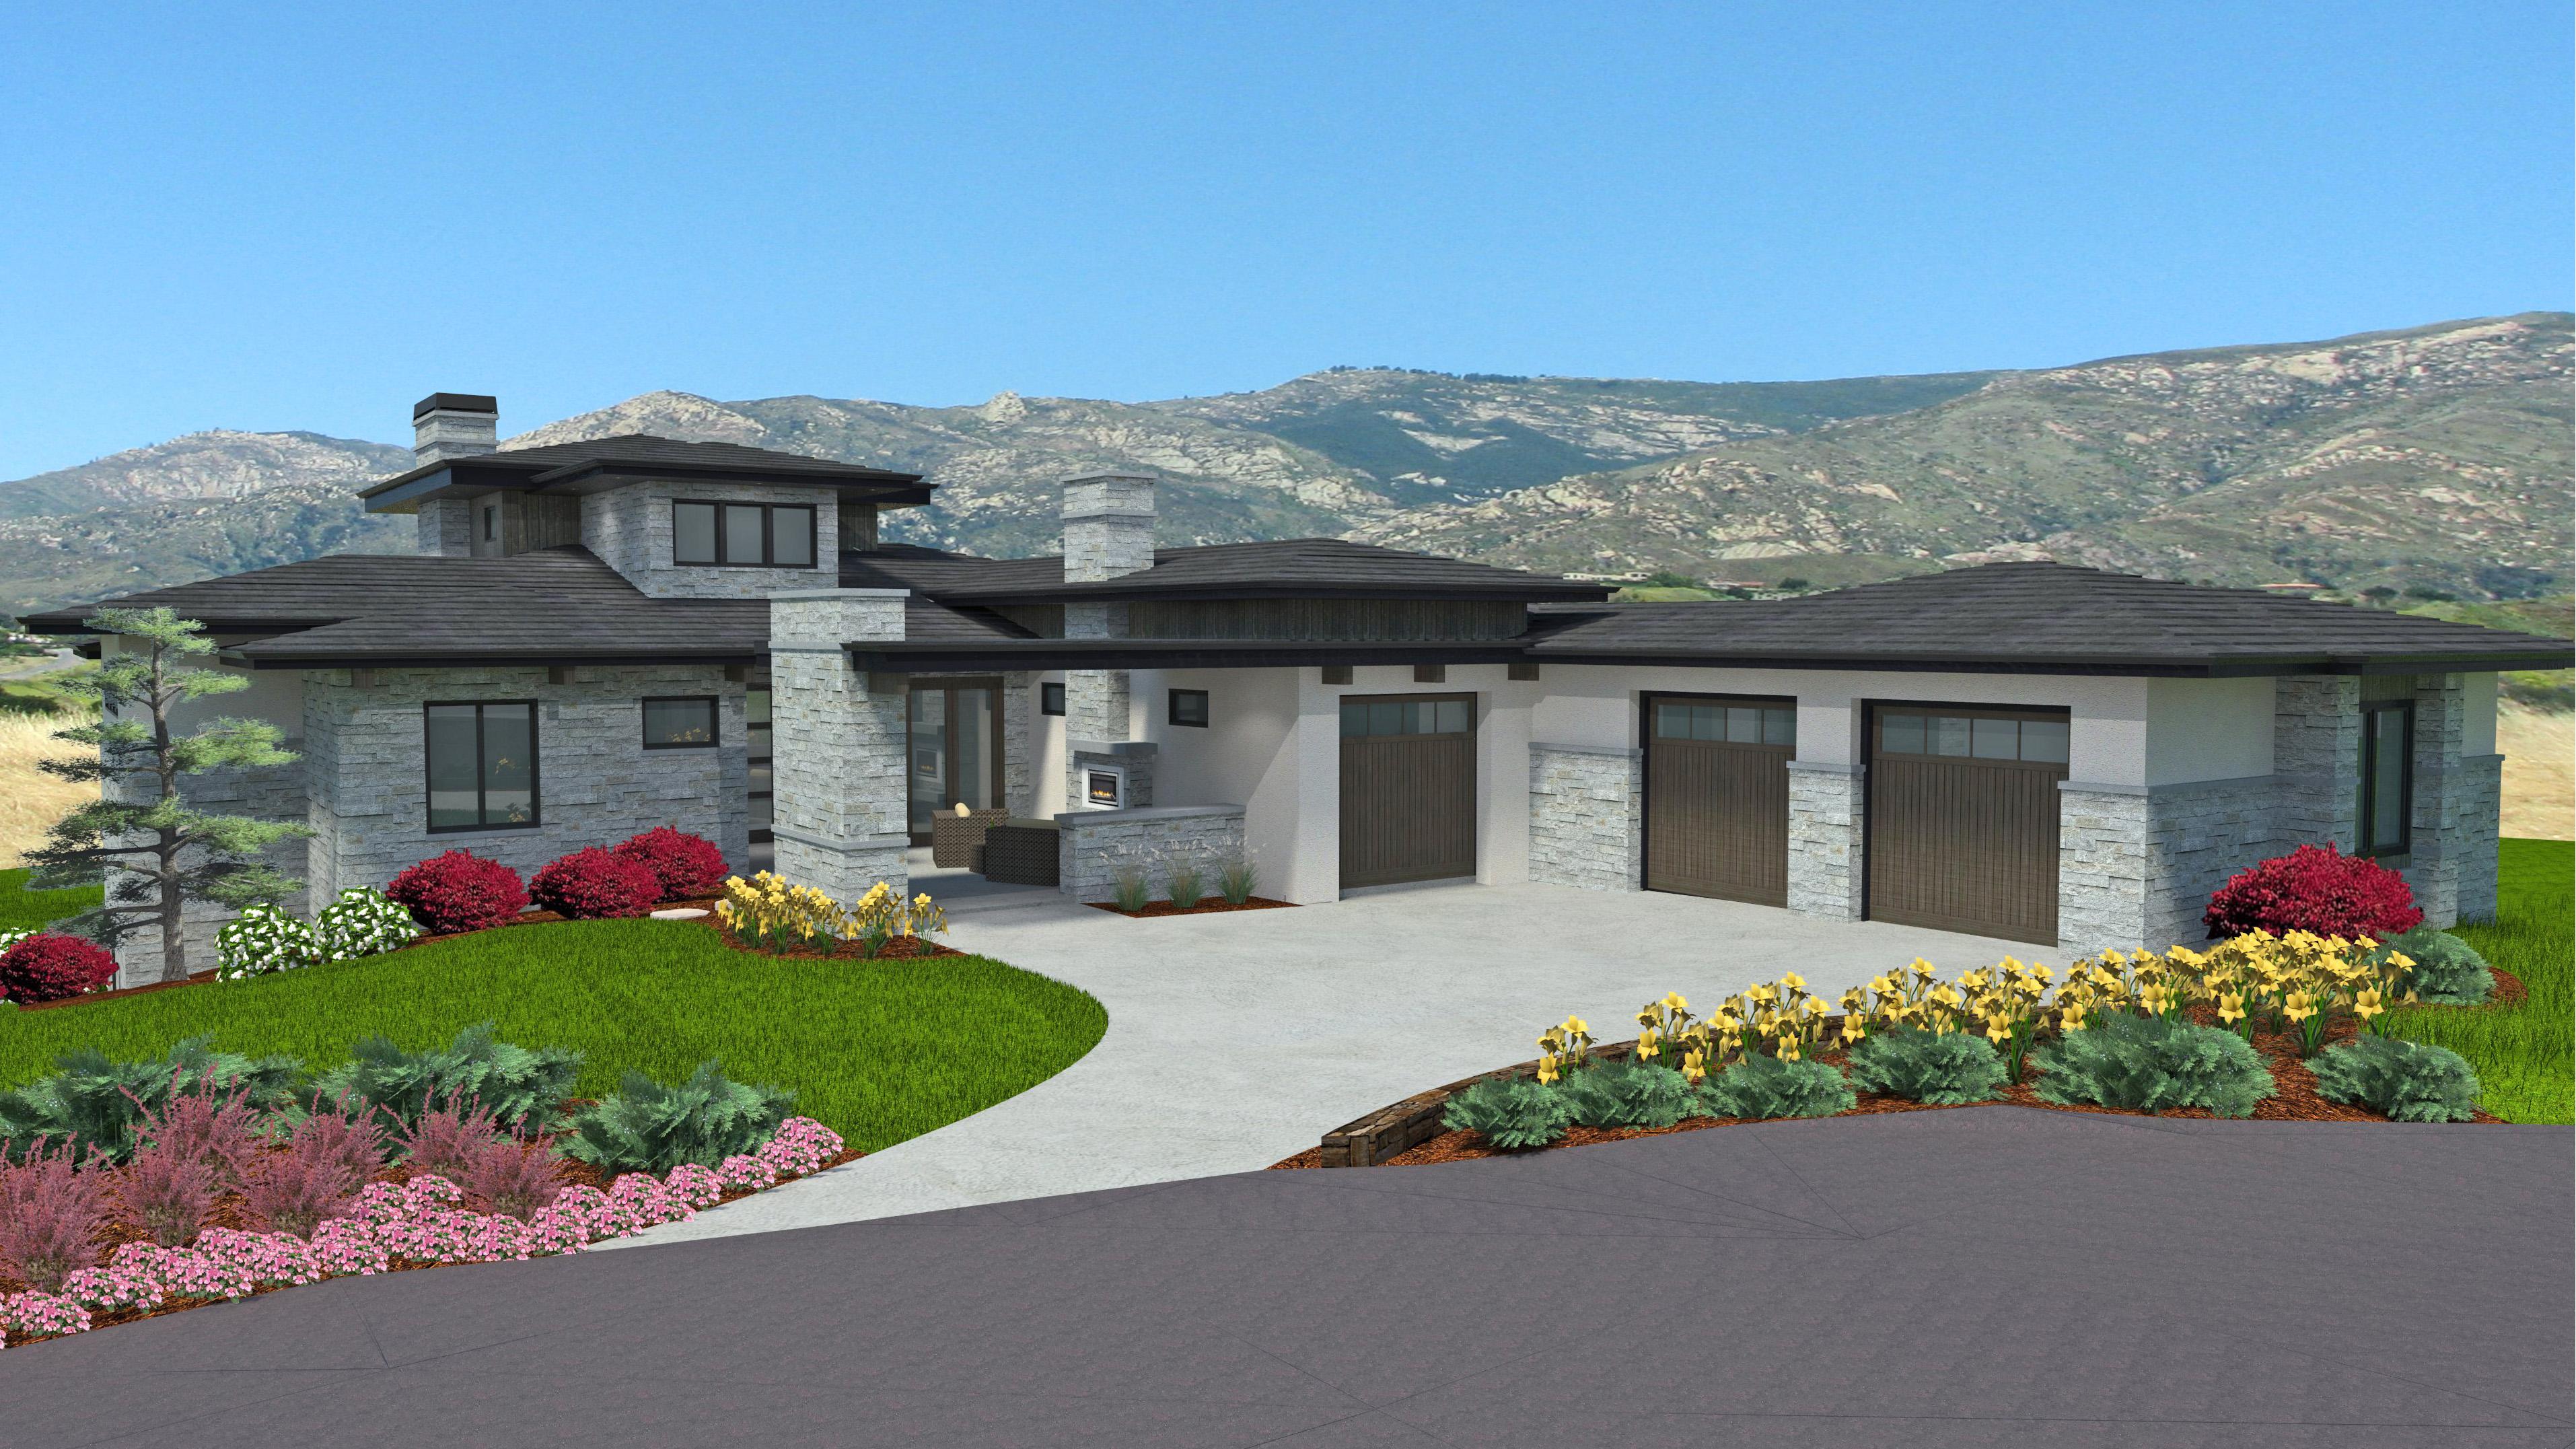 Maison unifamiliale pour l Vente à Contemporary, innovative, forward looking home 10541 Leonardo Pl Littleton, Colorado, 80125 États-Unis